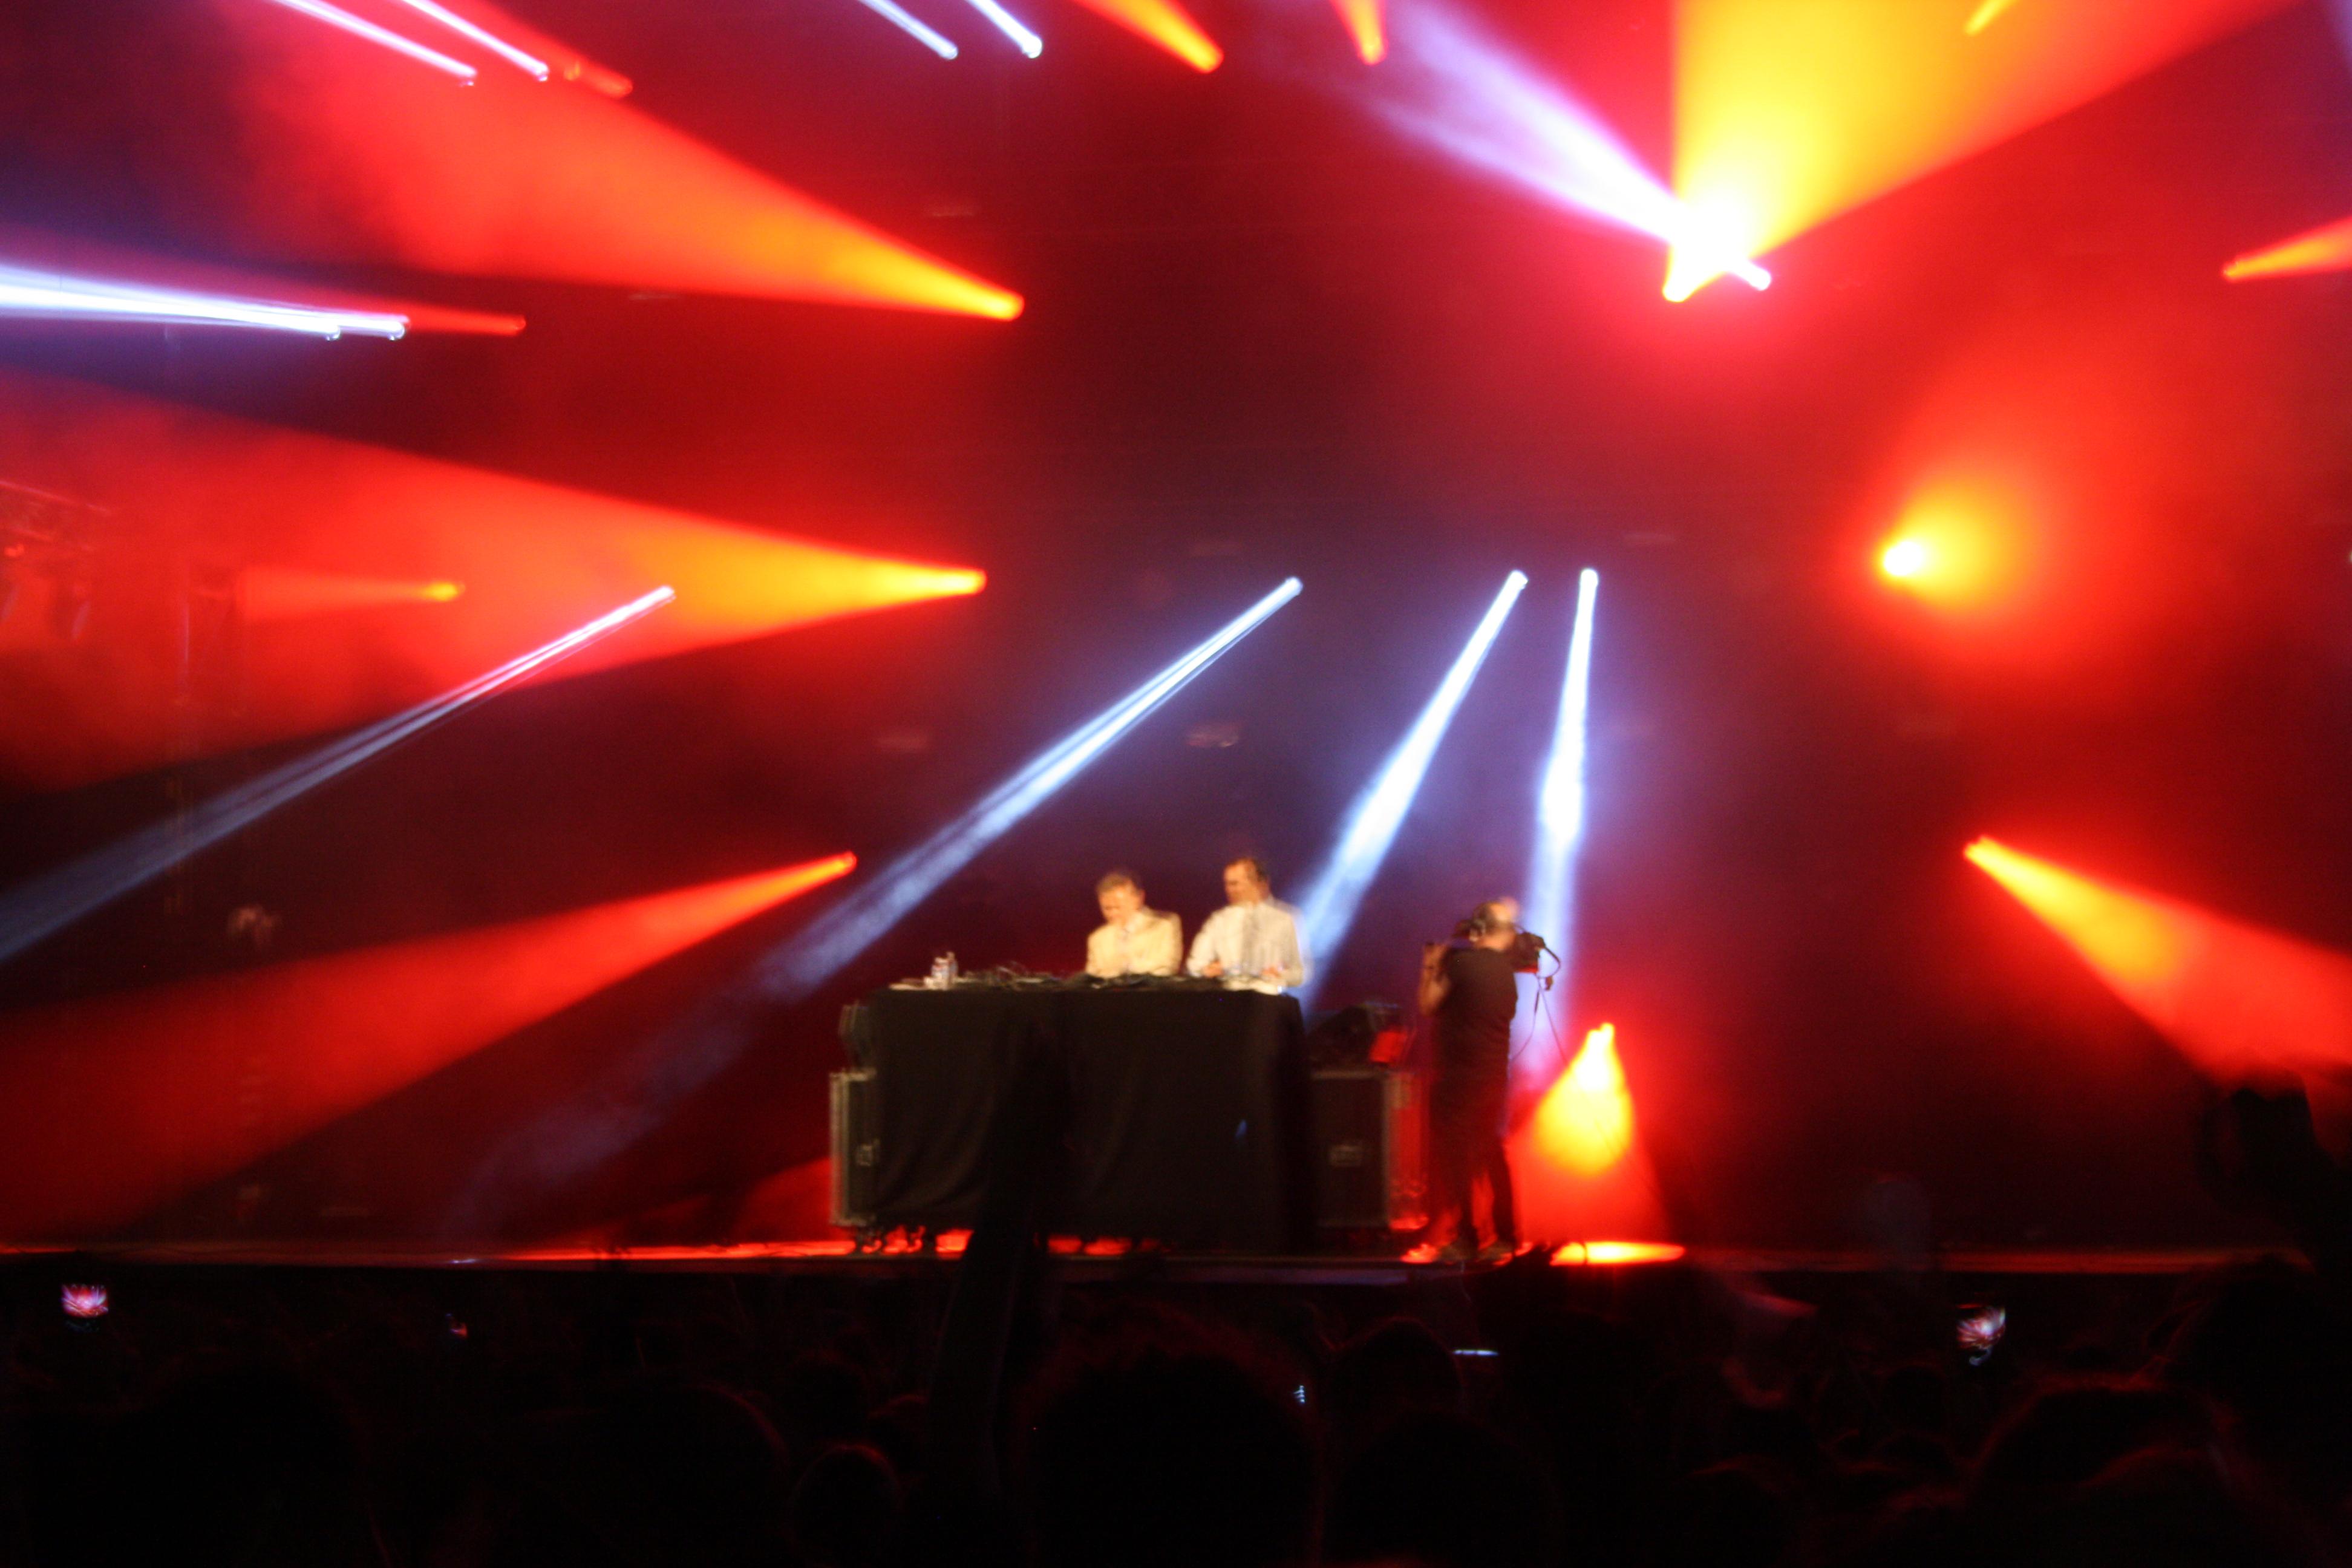 2 Manys DJs